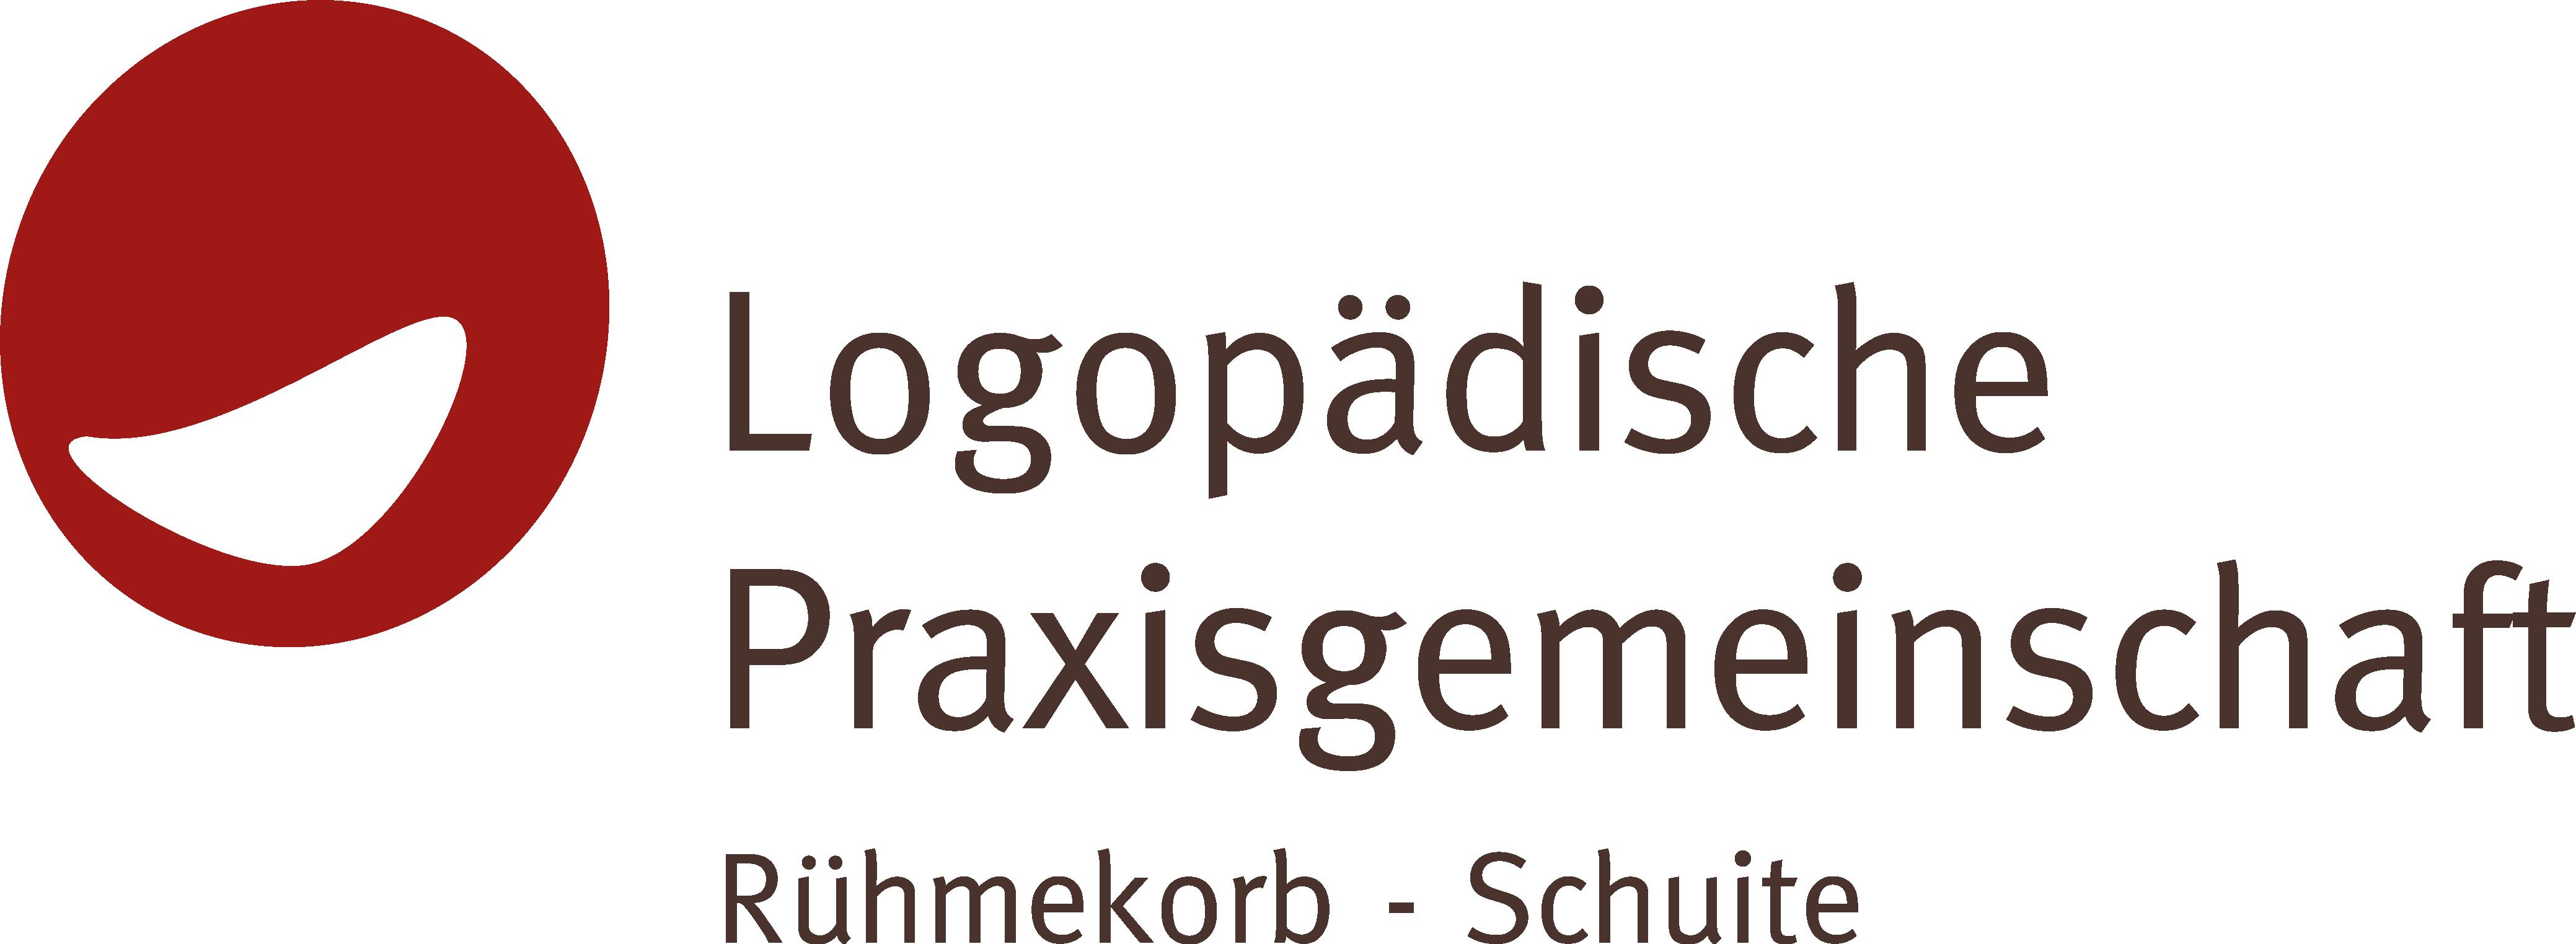 Logopädische Praxisgemeinschaft